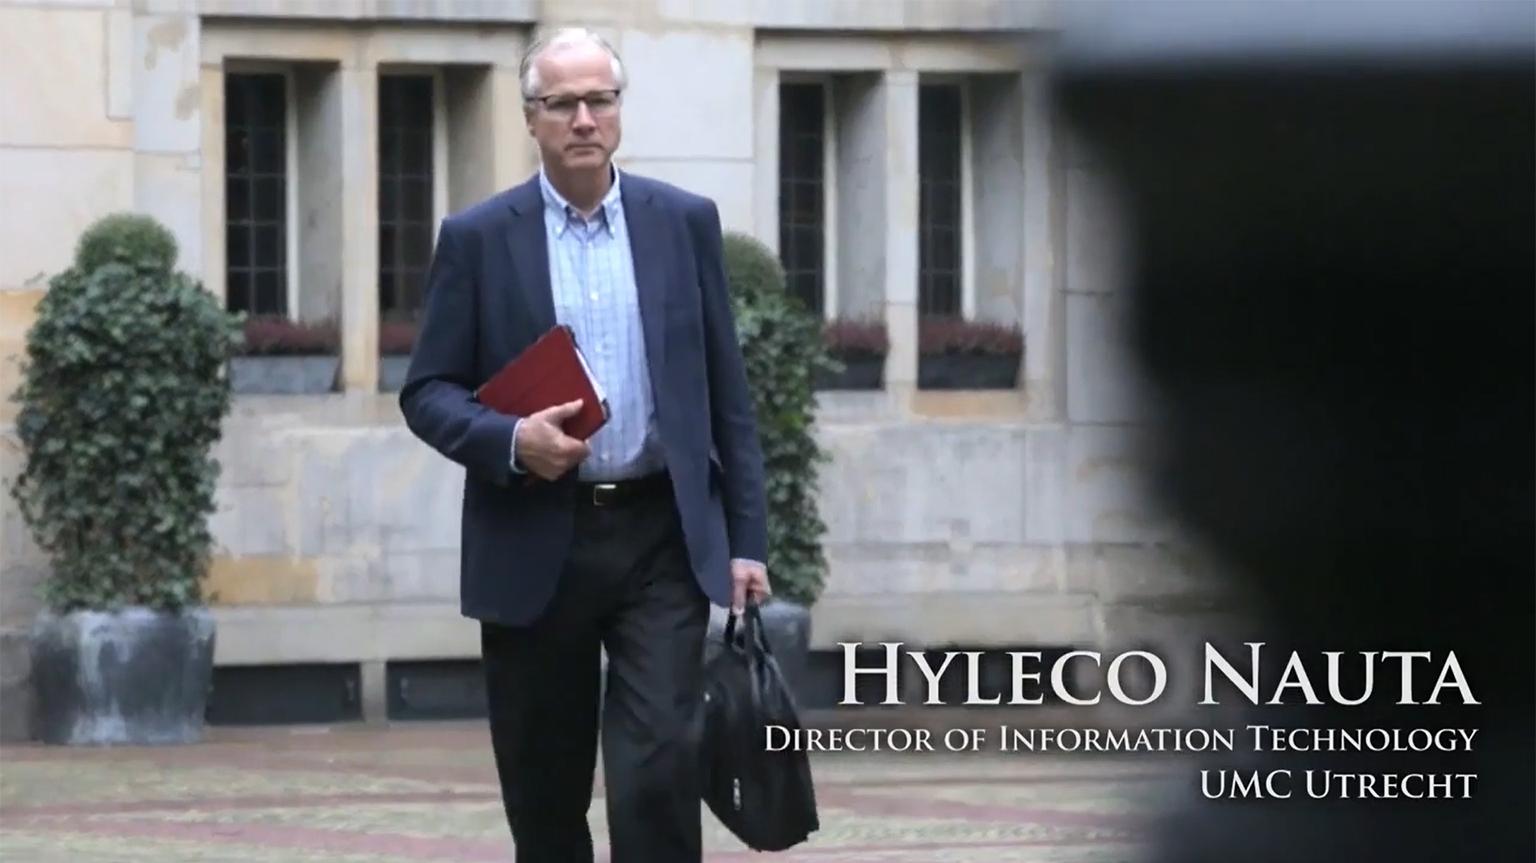 Screenshot of UMC Utrecht video